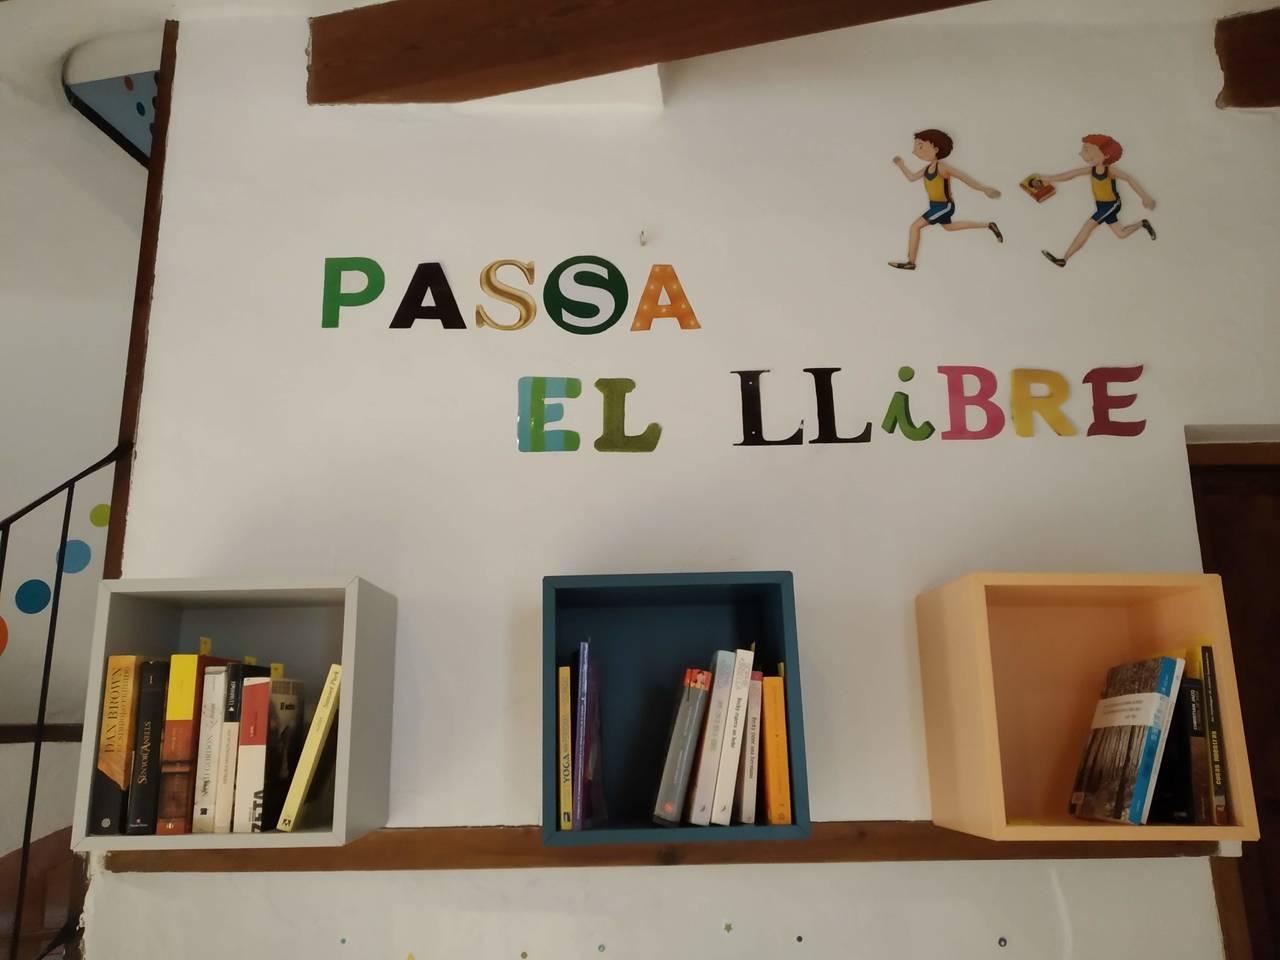 PASSA EL LLIBRE